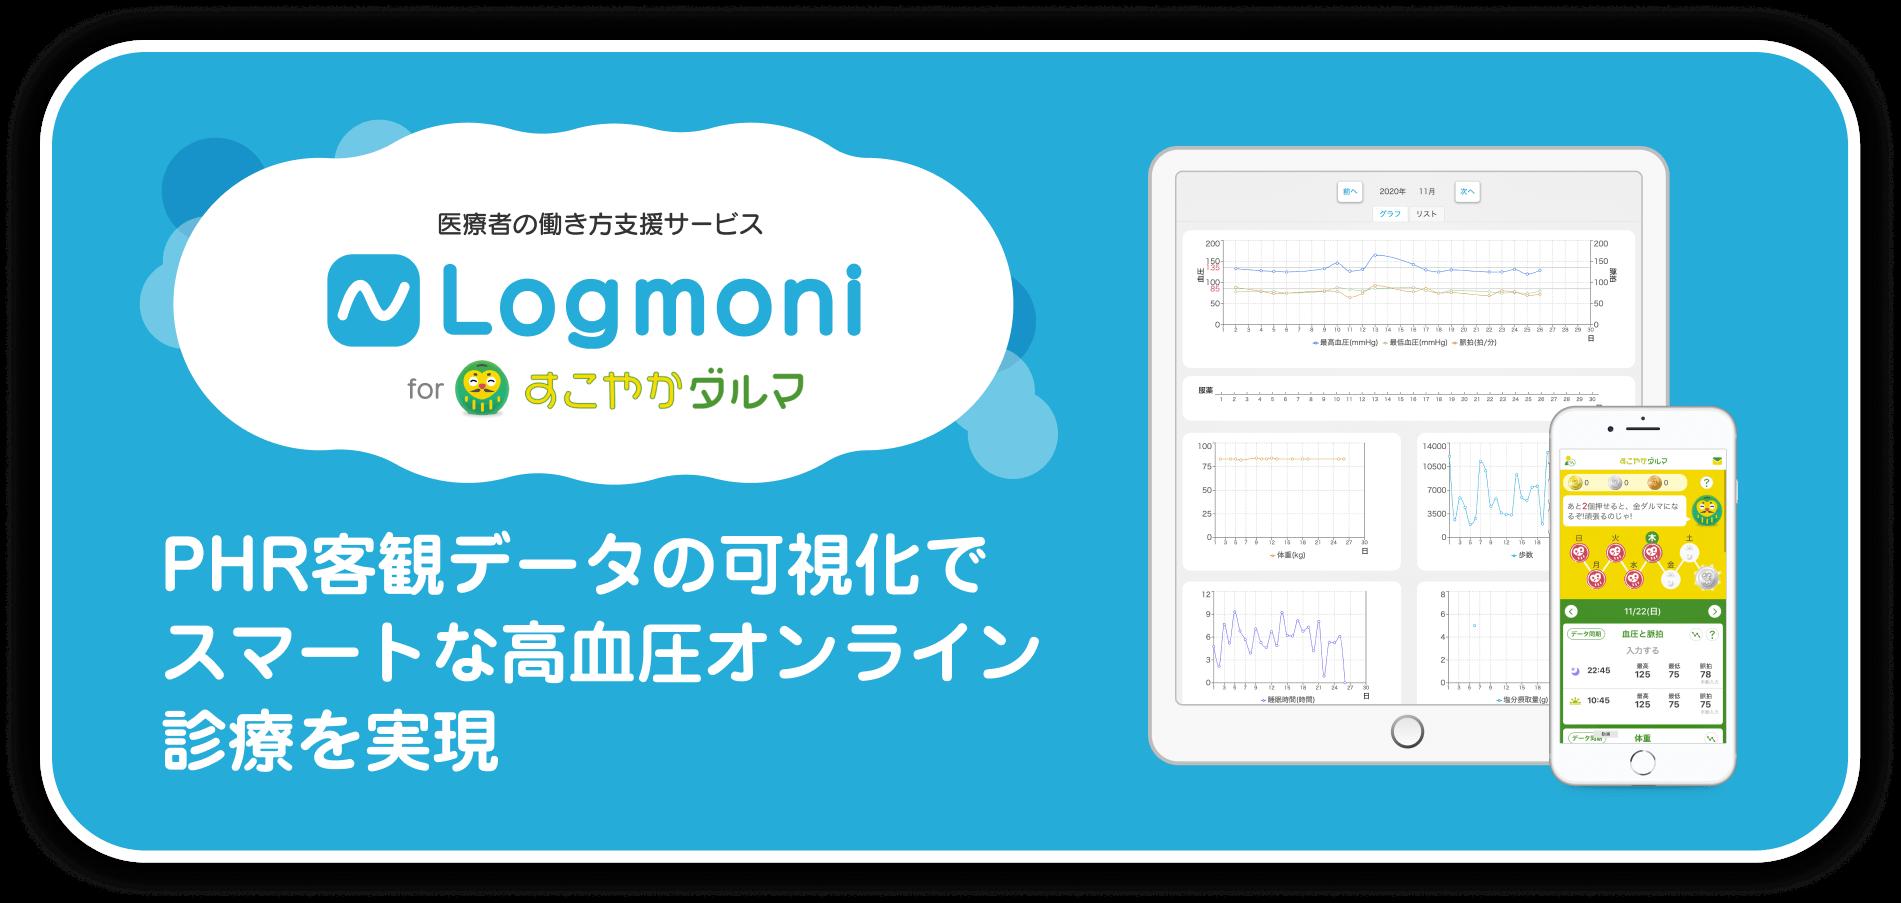 Logmoni for すこやかダルマ:PHR客観データの可視化でスマートな高血圧オンライン診療を実現